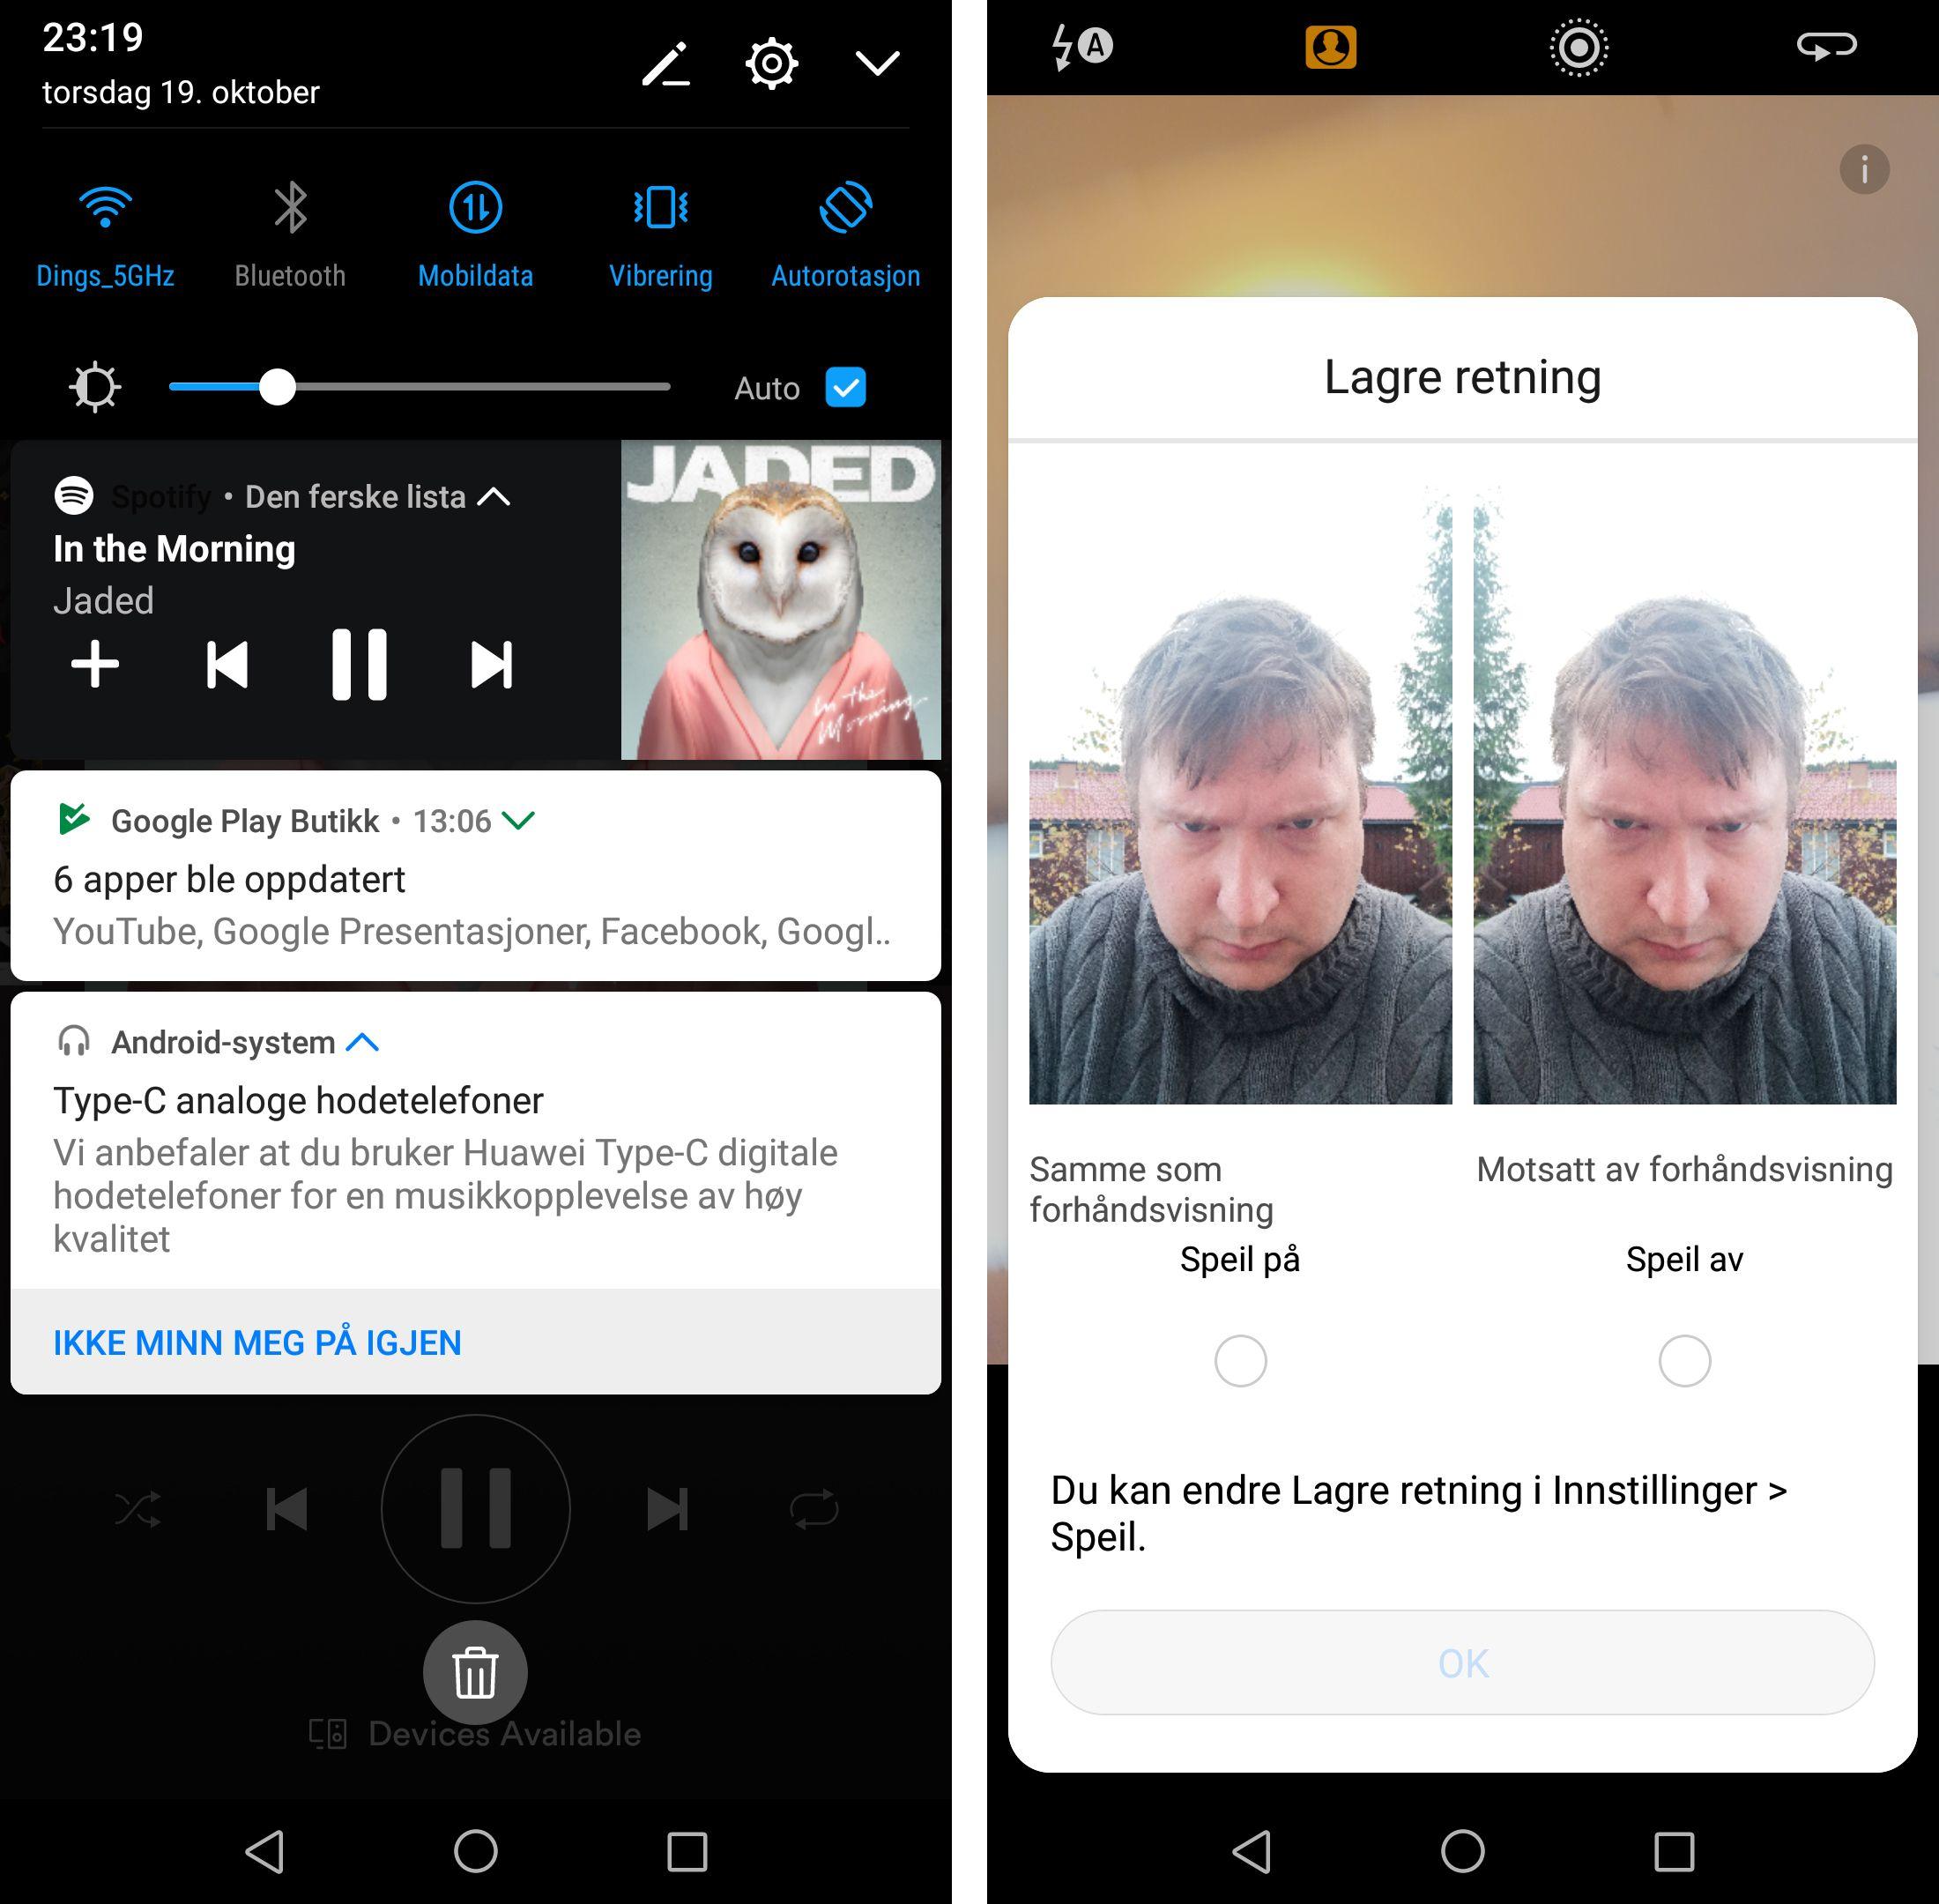 Huawei Mate 10 Pro Test Tek.no